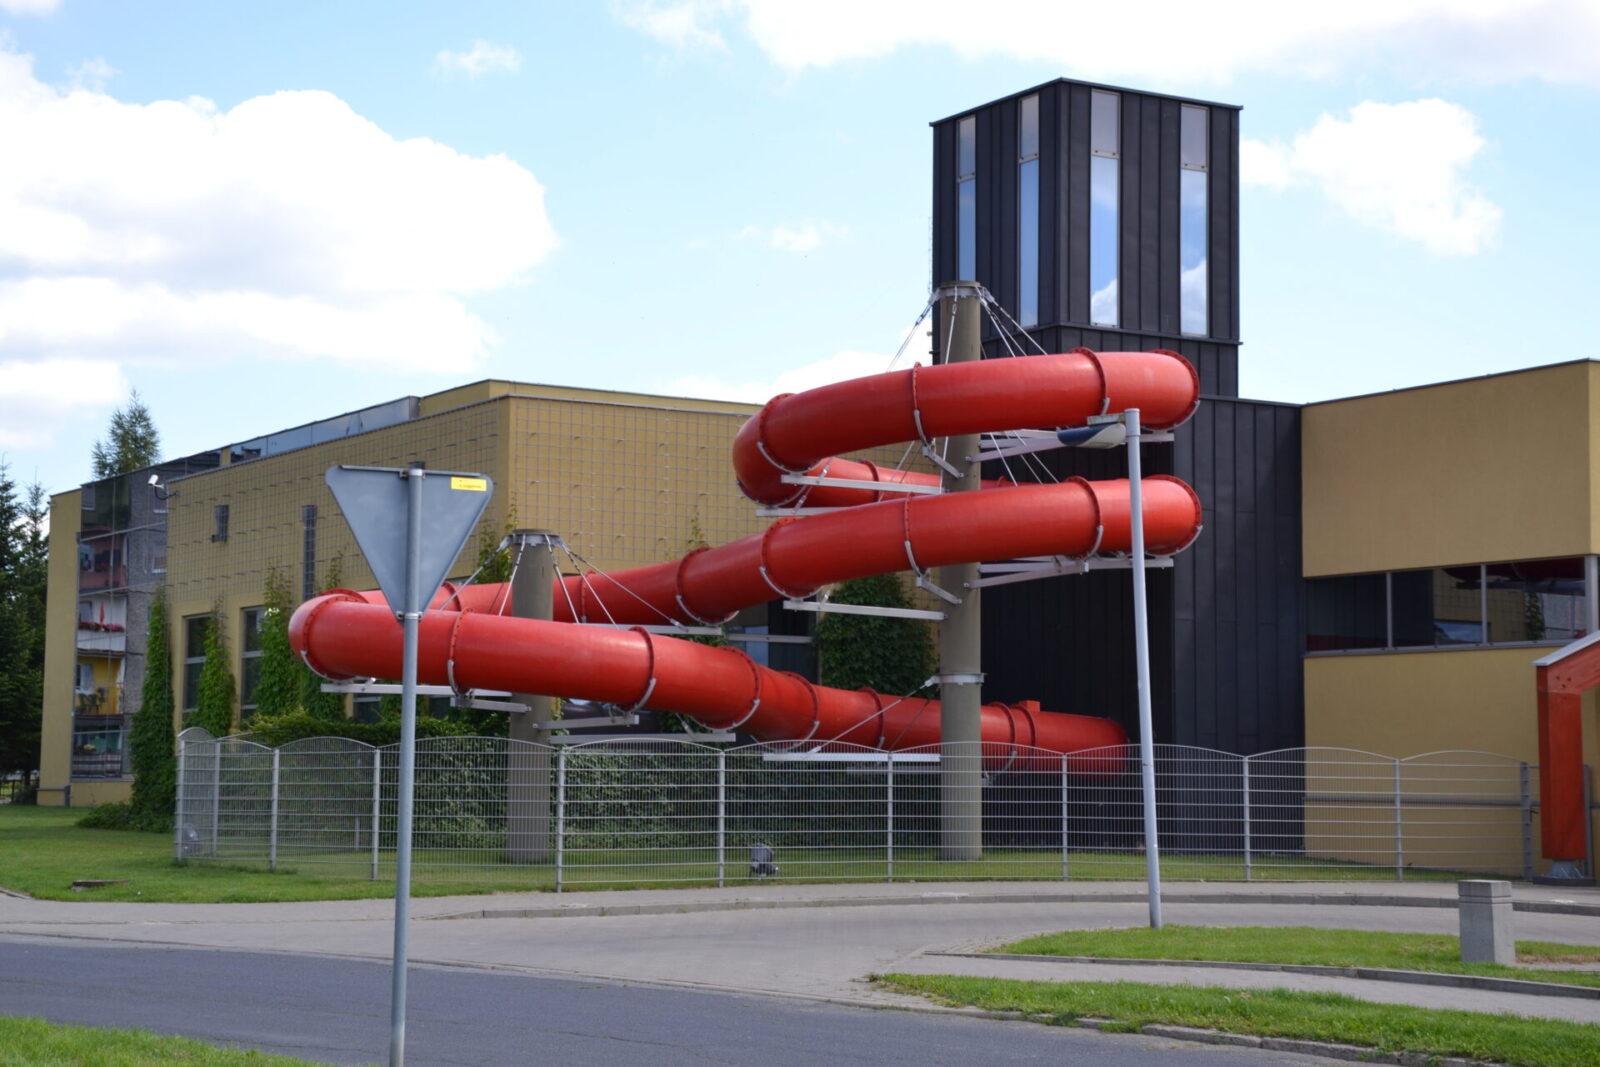 Budynek pływalni w Międzyrzeczu - widok z zewnątrz.